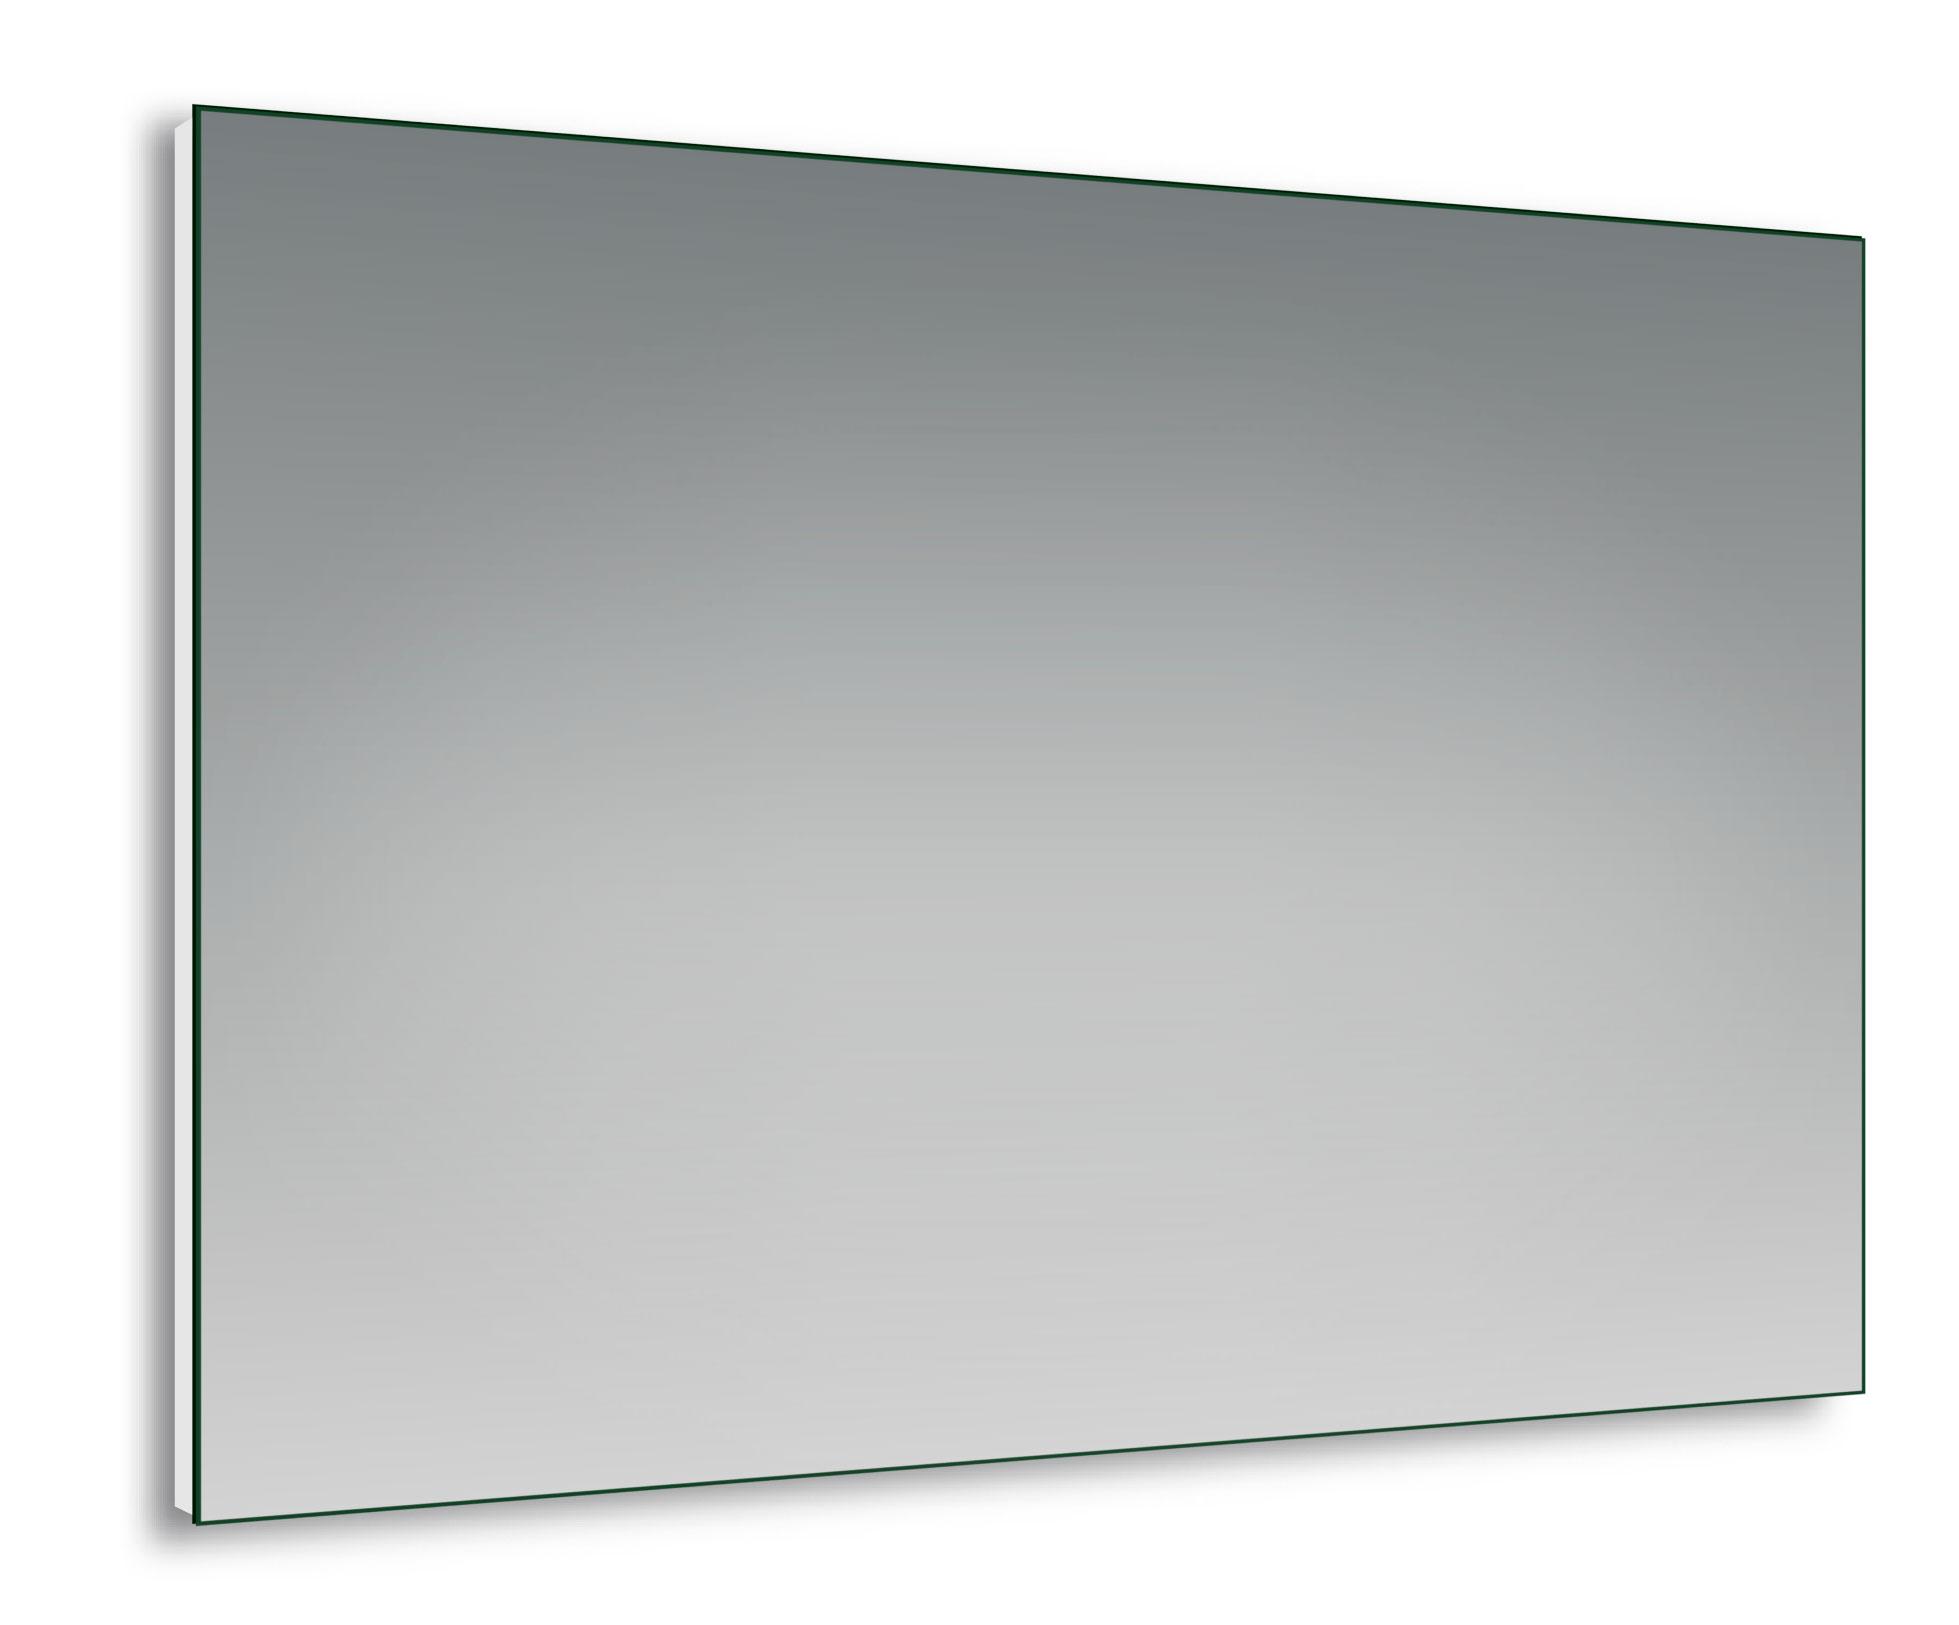 Specchi molati vetrocamera milano mp vetro - Vetrocamera basso emissivo prezzi ...